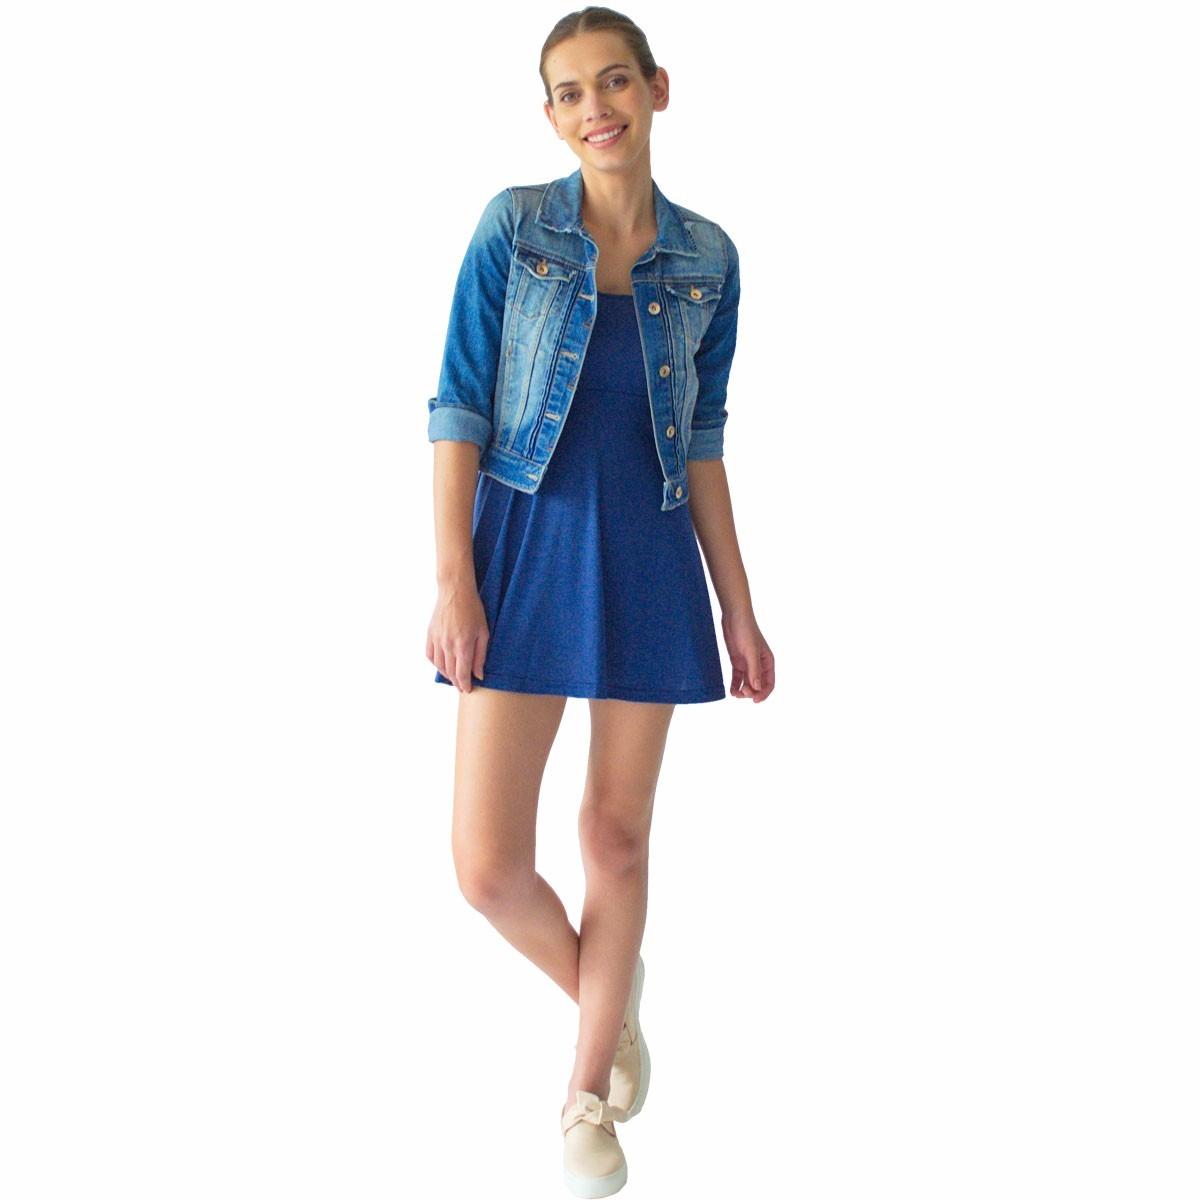 f9f07bdd56c3 Vestido Corto Mujer Rack   Pack Corto Azul -   499.00 en Mercado Libre